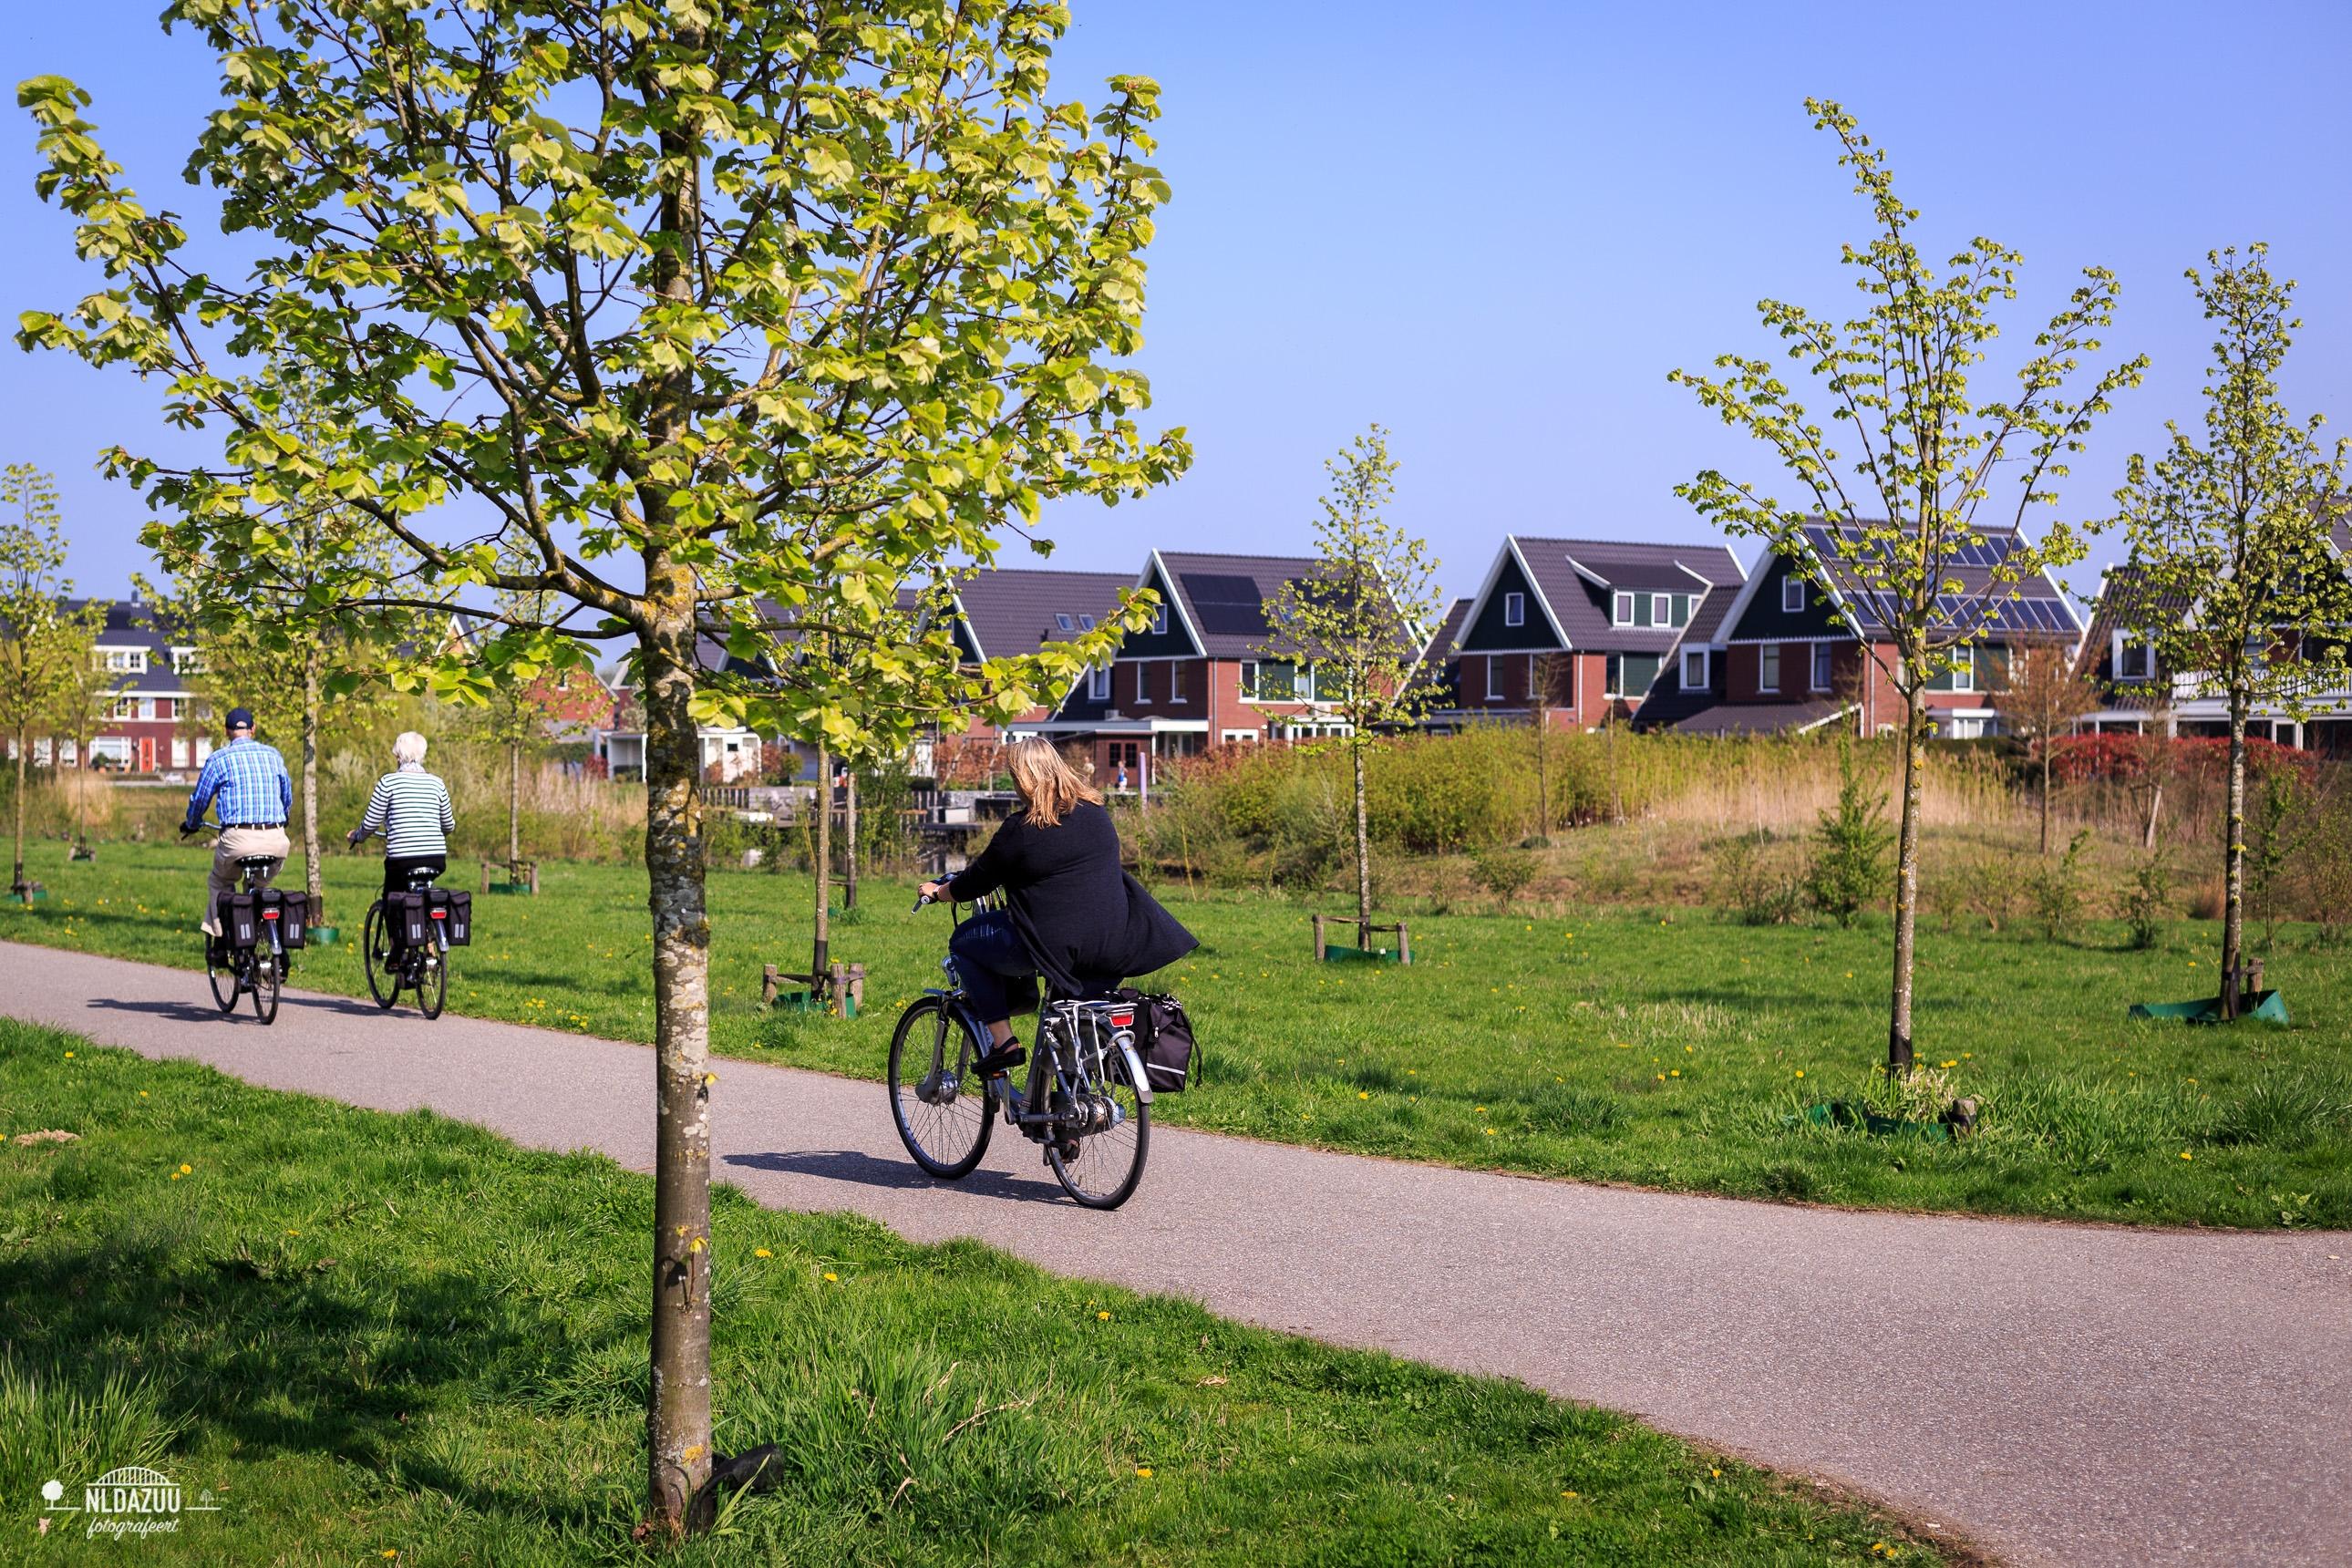 Dag 38 nldazuu 50 mm. challenge: Buiten op de fiets